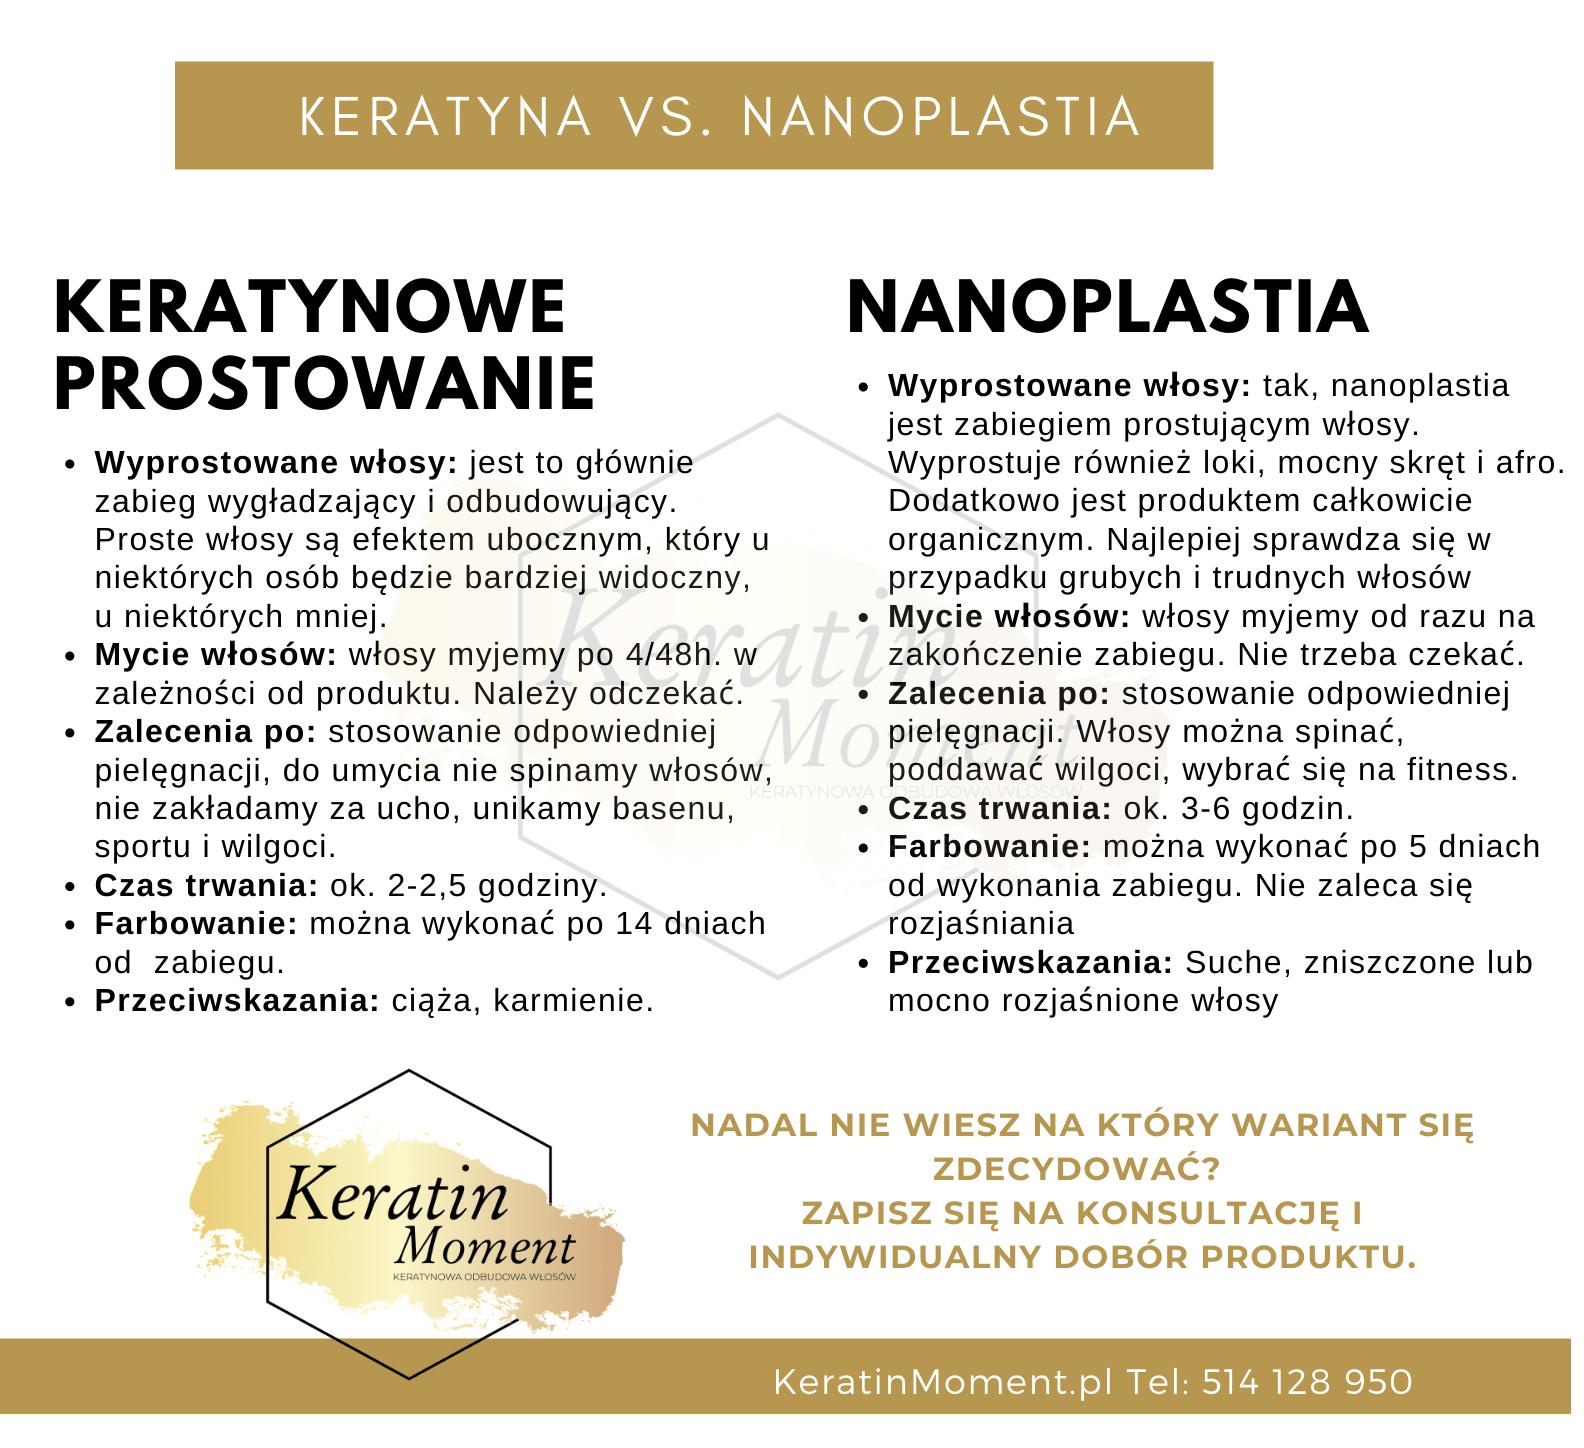 keratynowe prostowanie czy nanoplastia